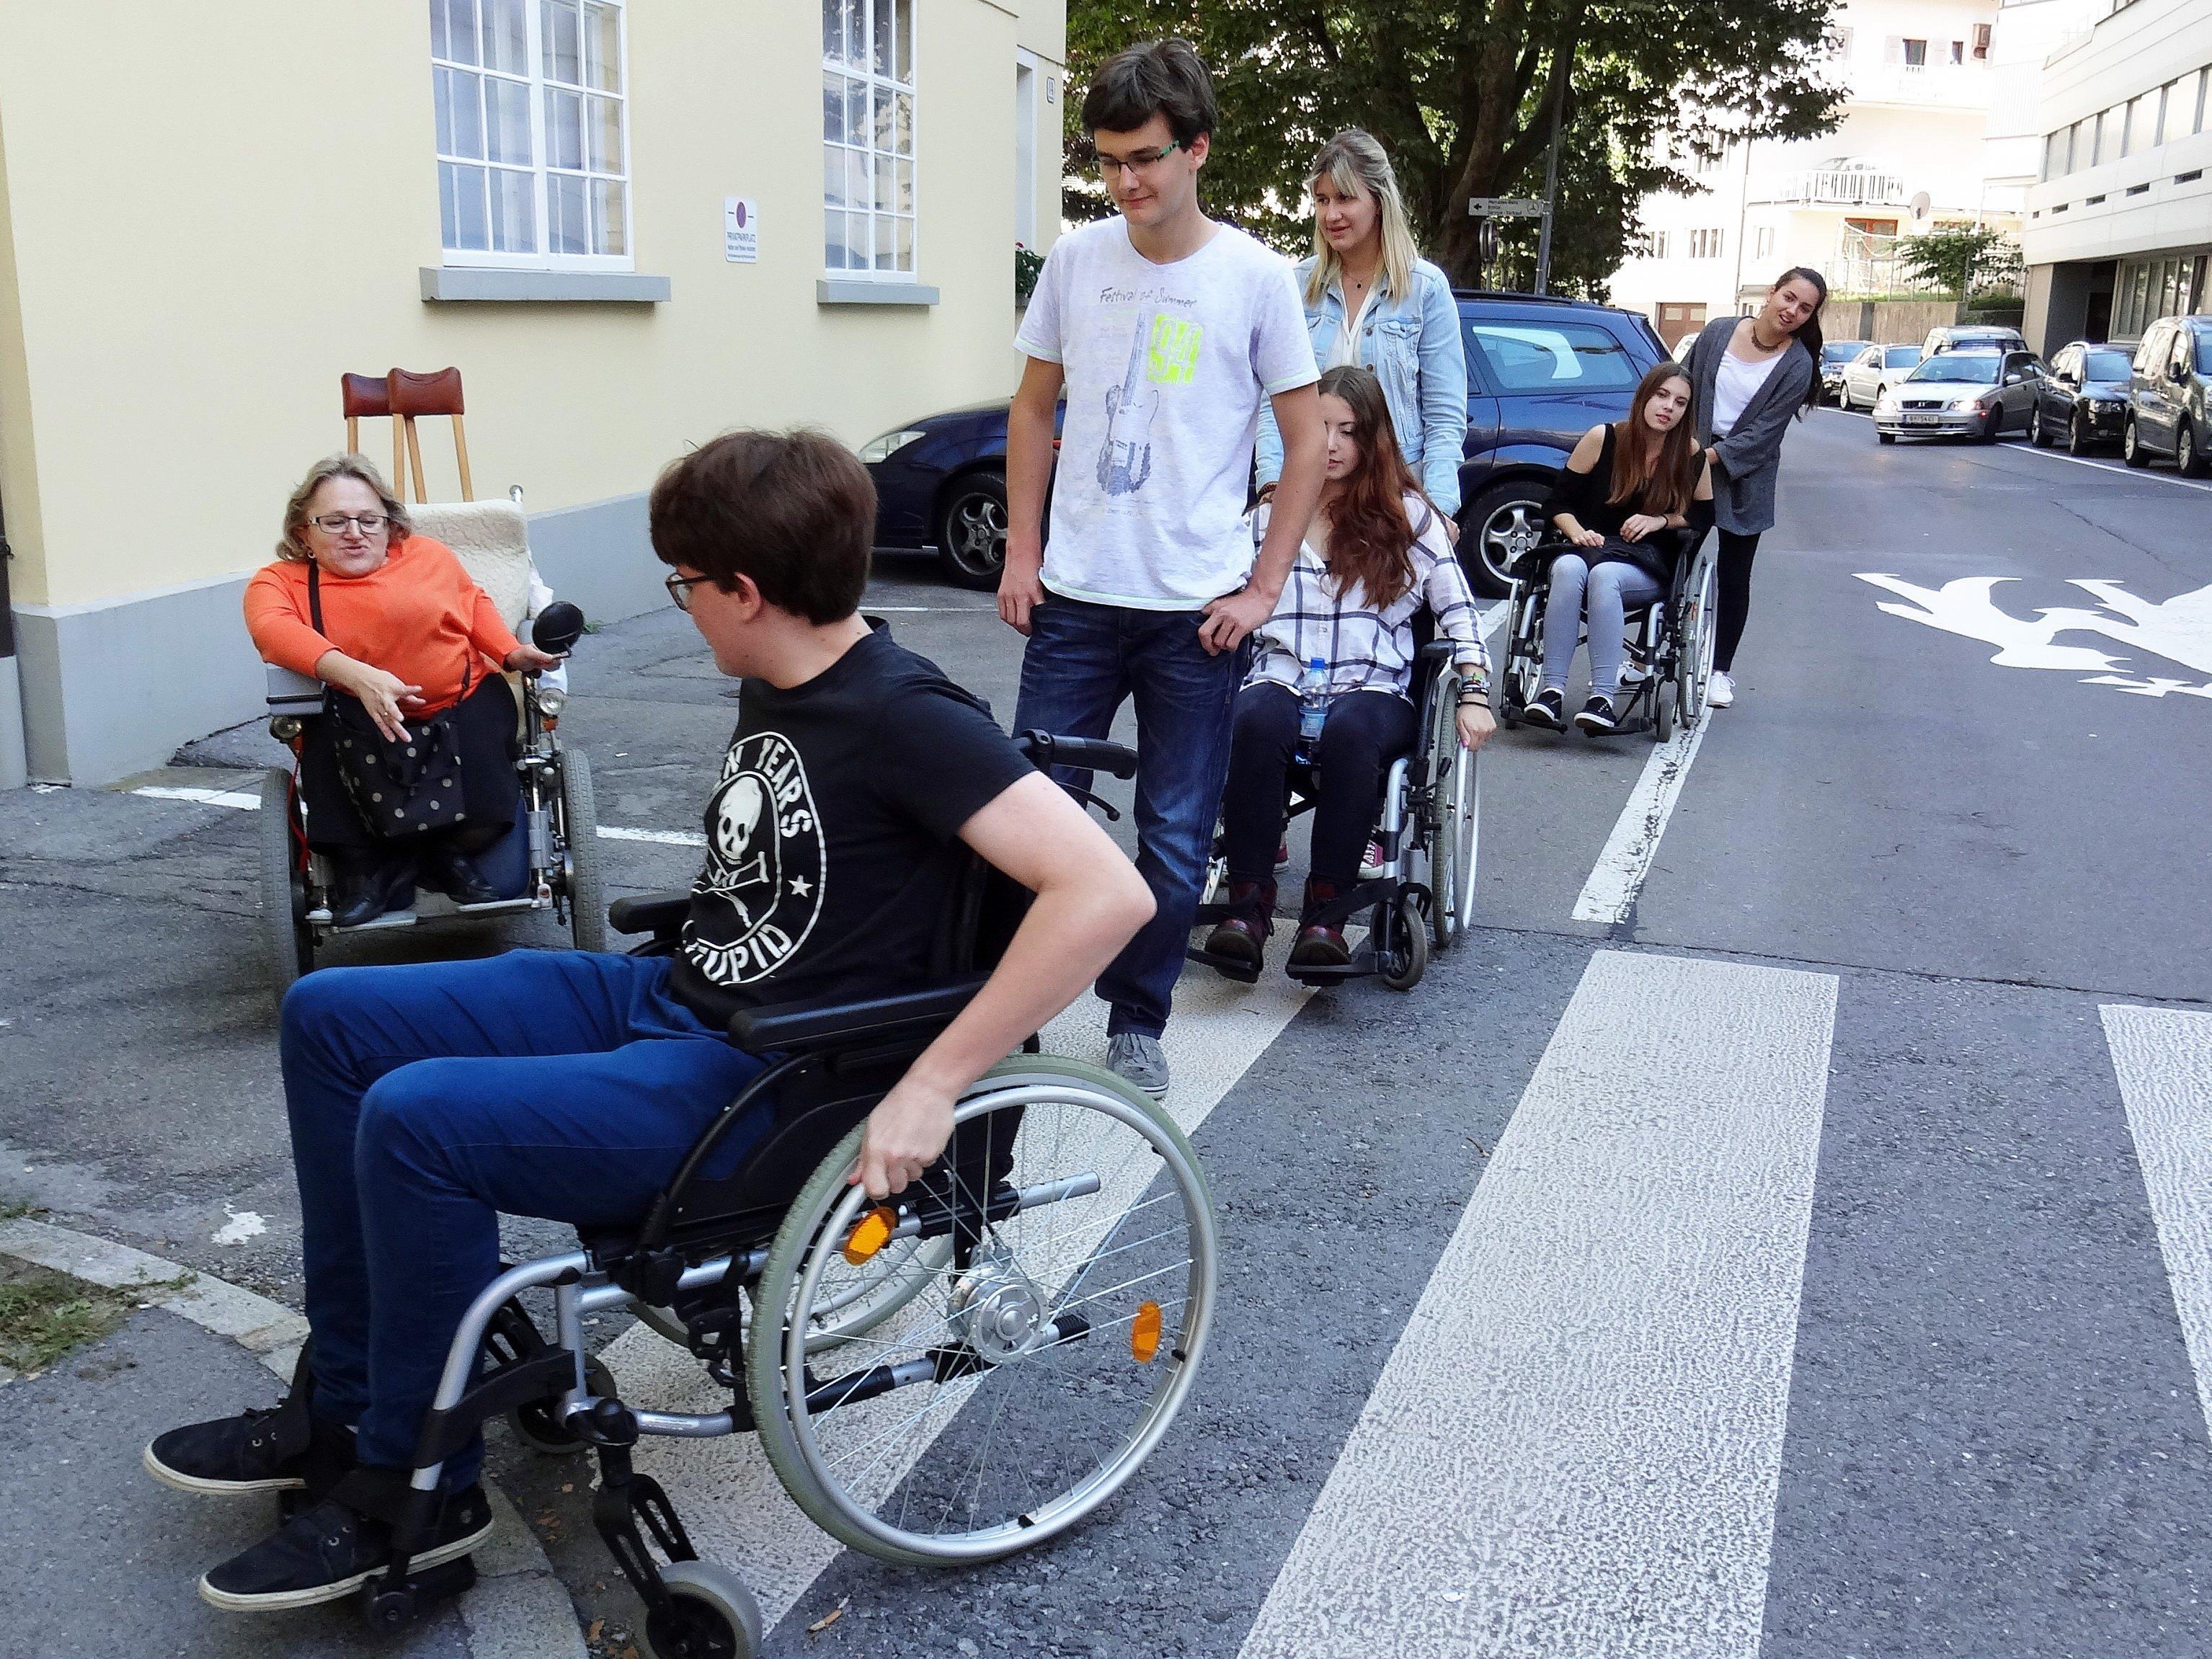 """Menschen mit Beeinträchtigungen den Alltag im öffentlichen Verkehr zu erleichtern ist das Ziel des Projekts """"Mitanand mobil!""""."""